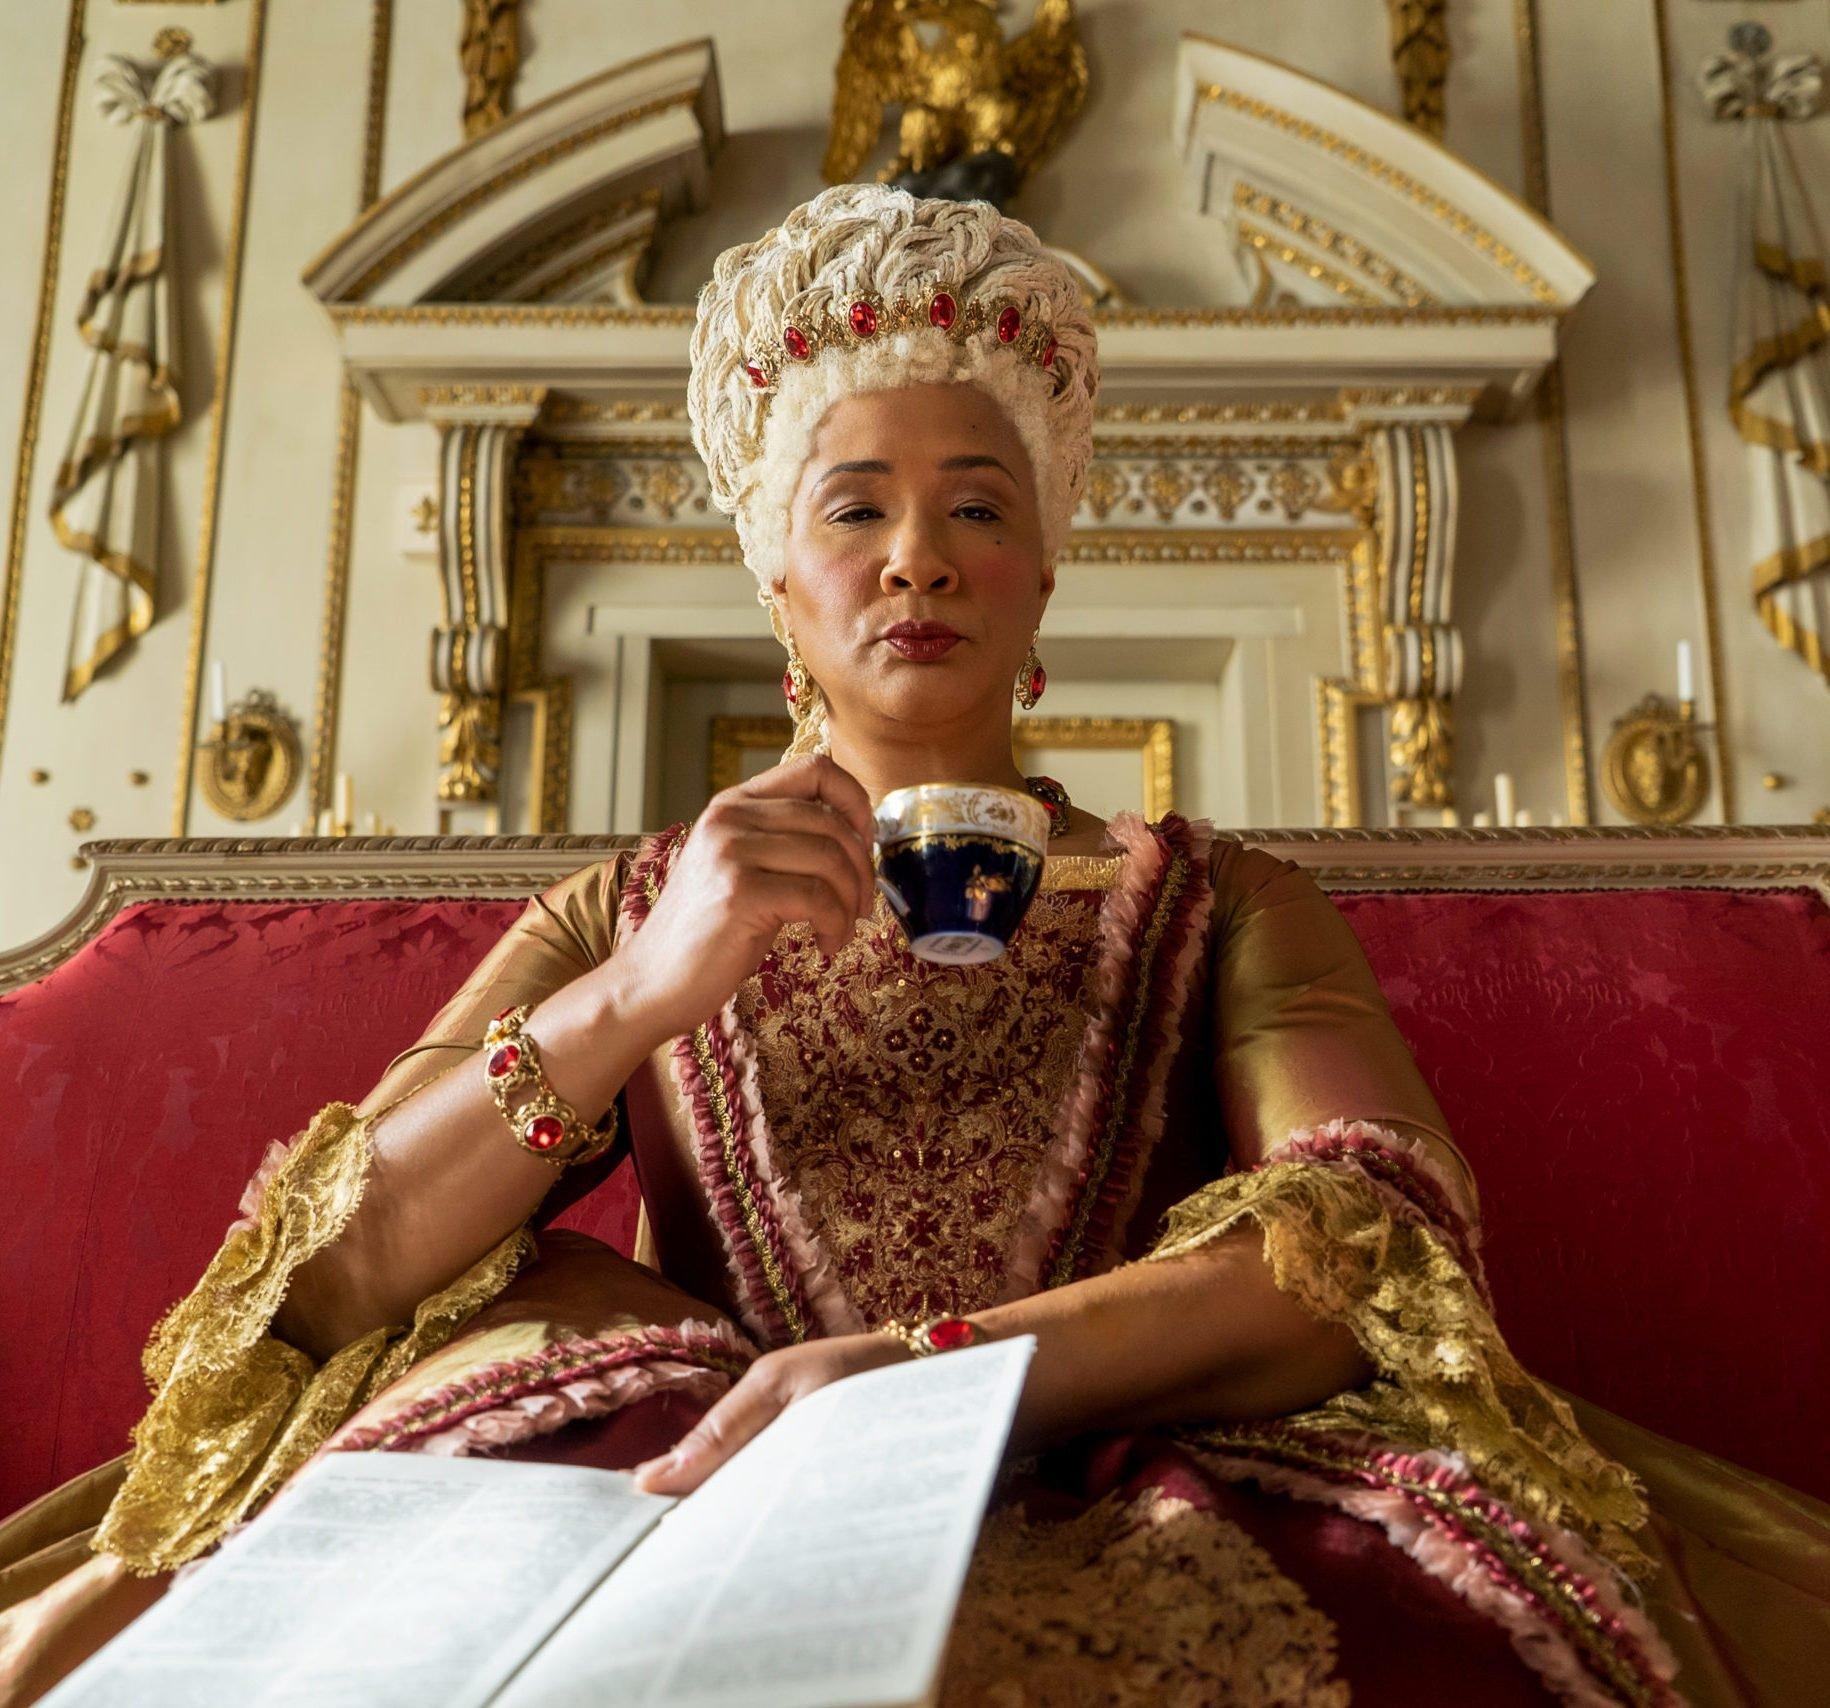 Queen Charlotte in Bridgerton on Netflix